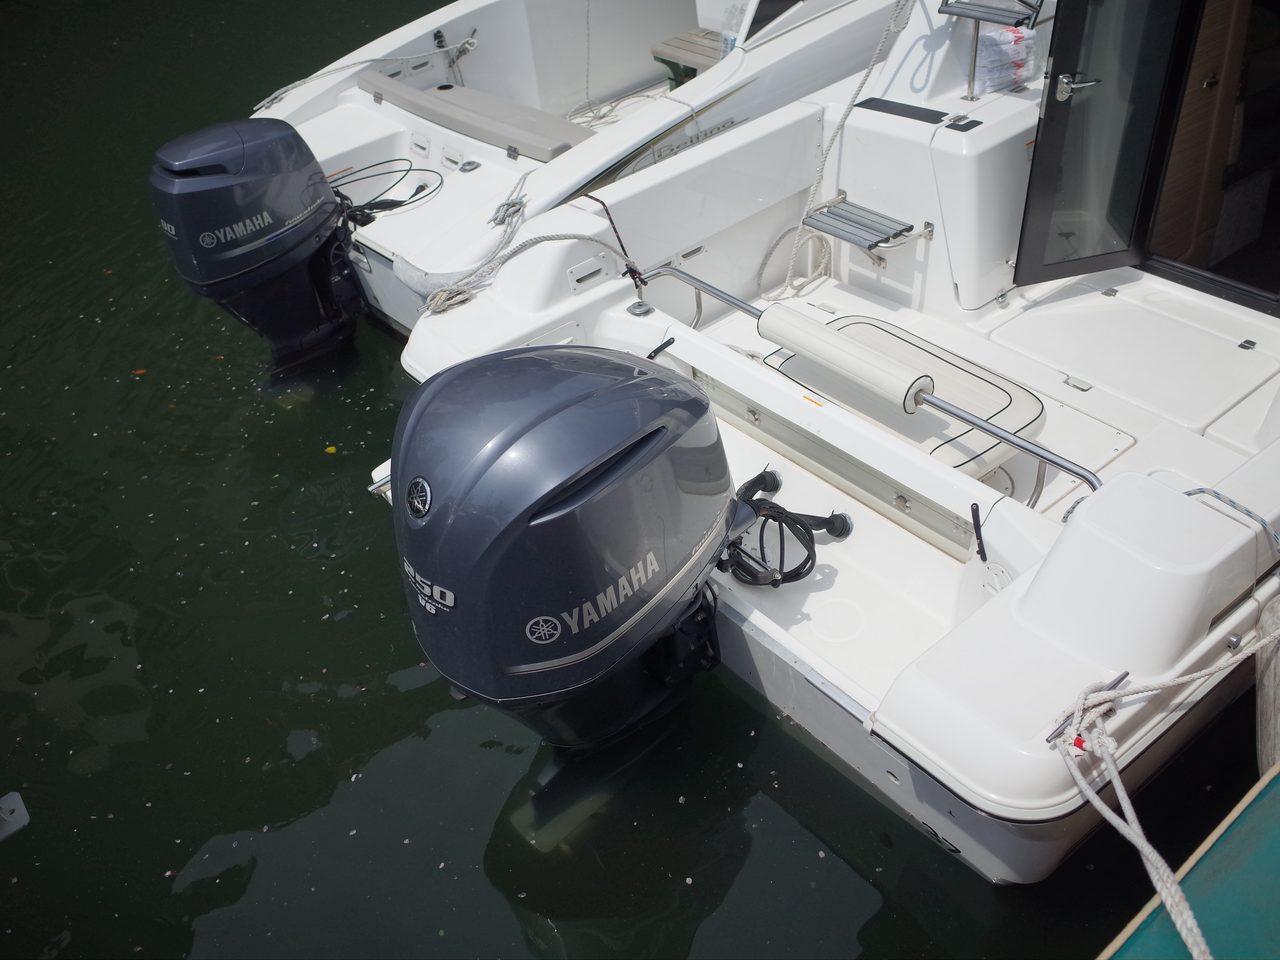 画像: ヤマハのロゴが誇らしげに。モーターボートというと誤解する人もいるだろうが、船外機は、電動モーターではなく、4ストロークのガソリンエンジンである。